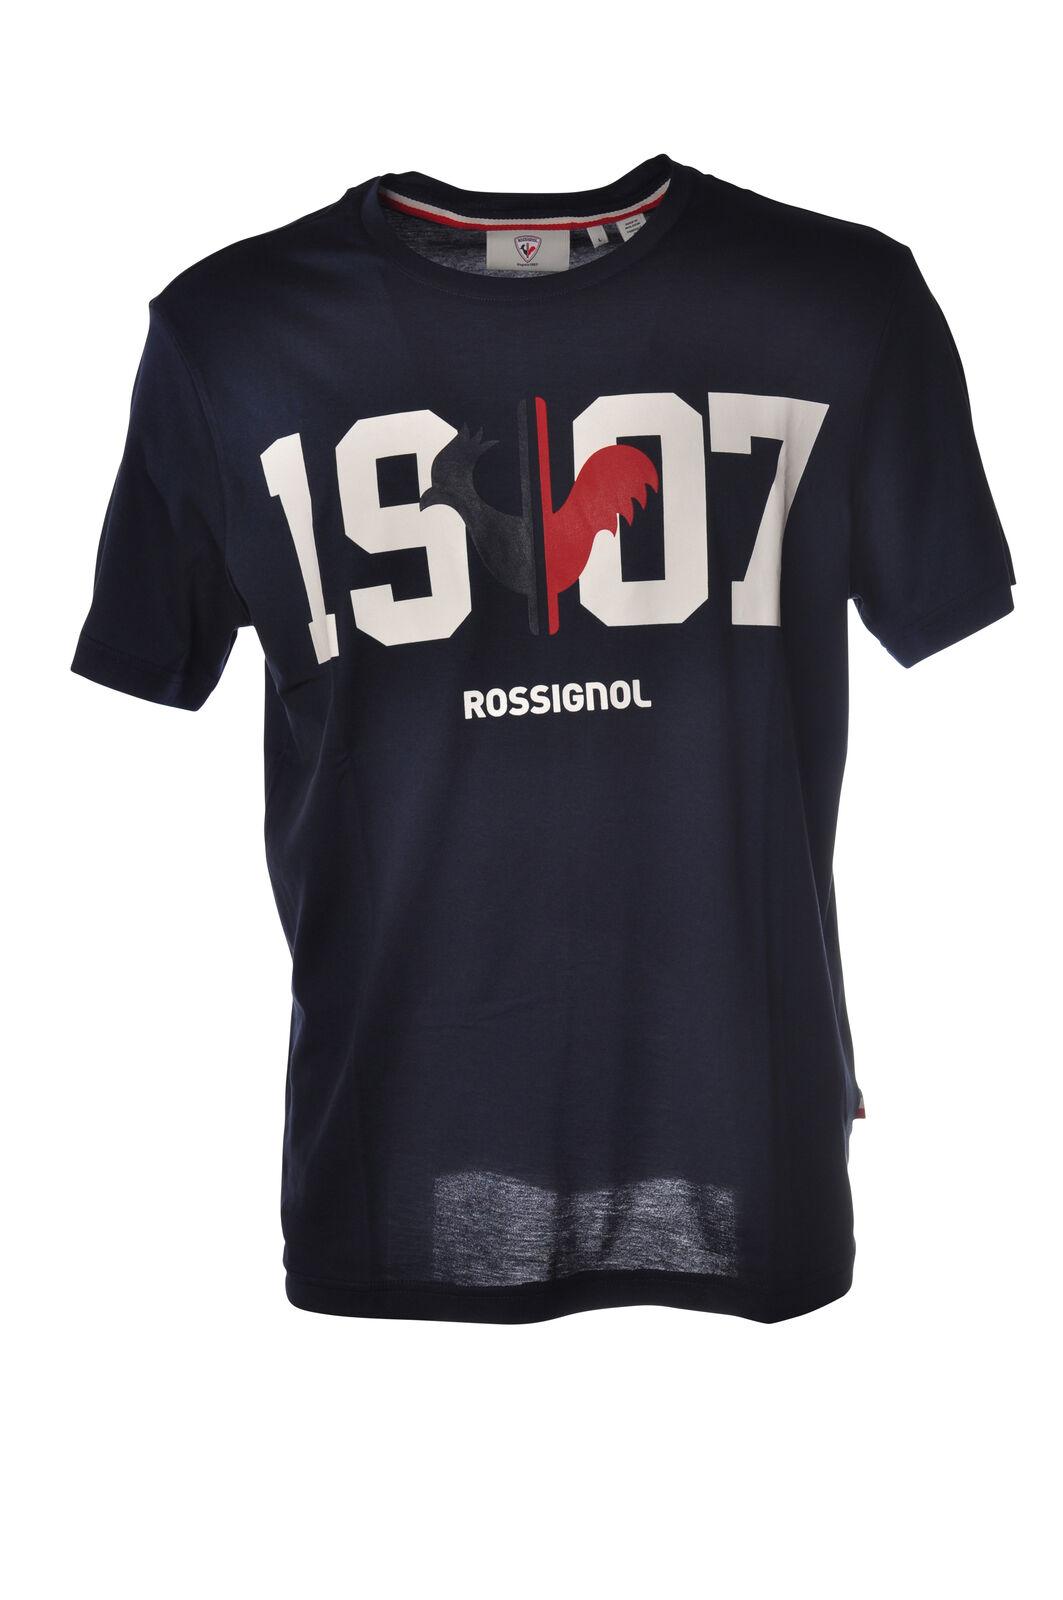 Rossignol - Topwear-T-shirts - Man - bluee - 5208629L183314